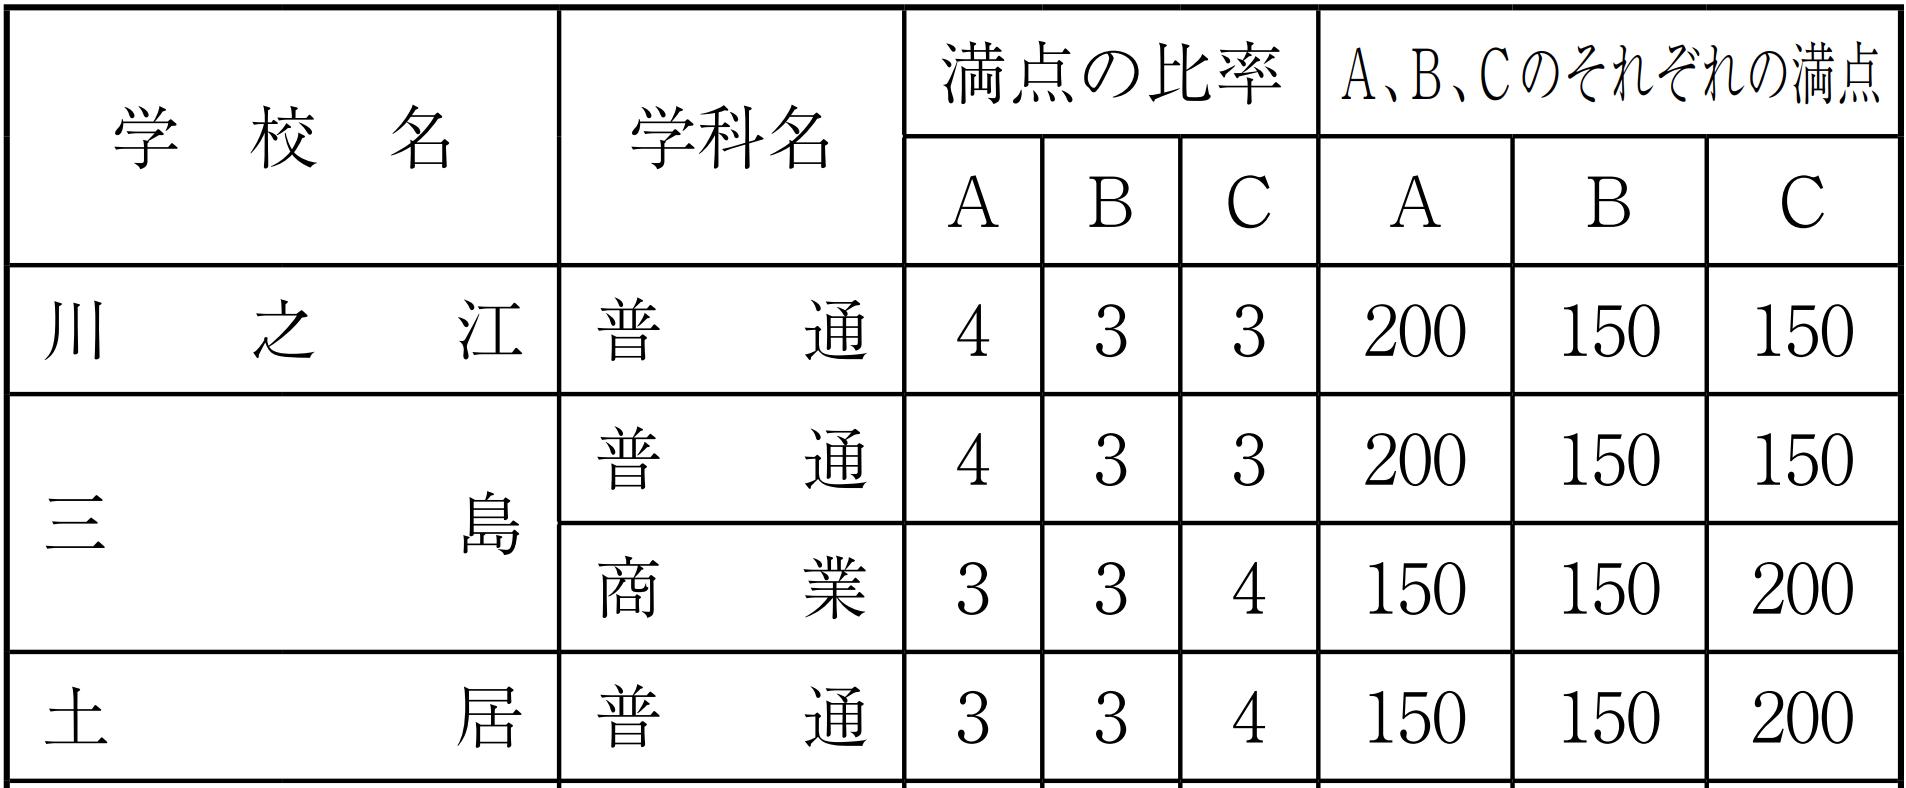 愛媛県公立高校入試制度4